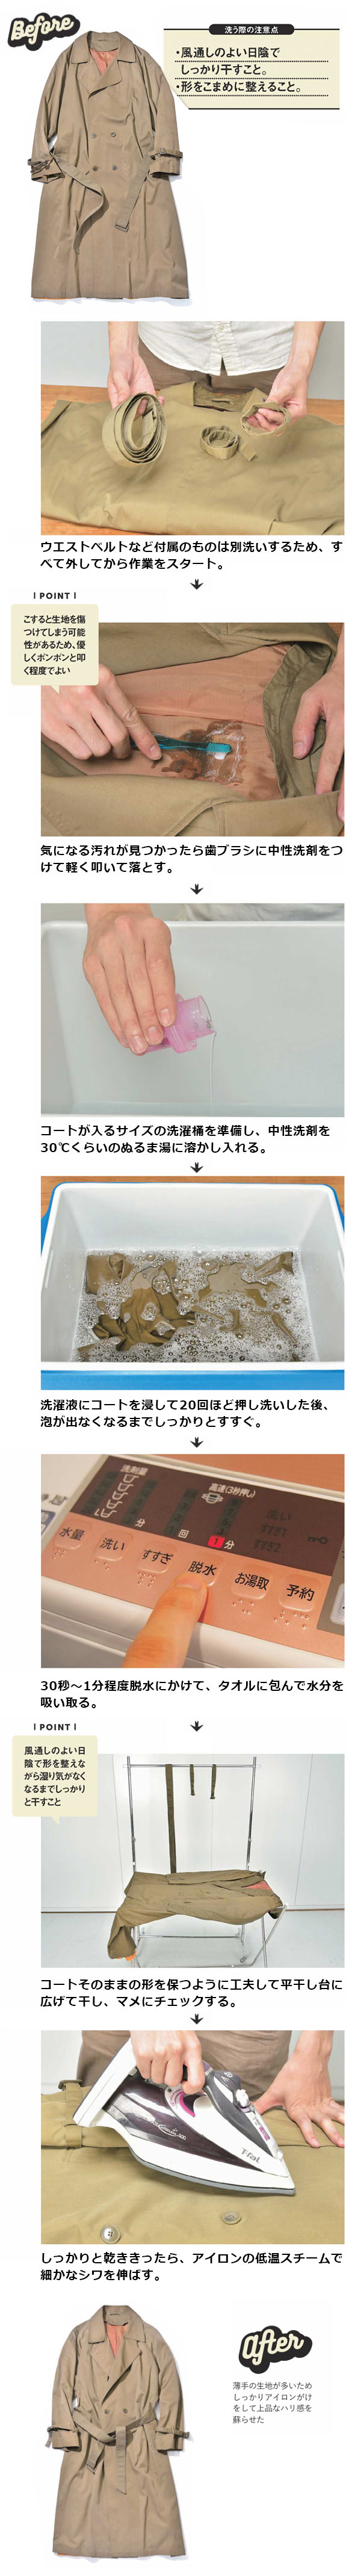 トレンチコート洗濯